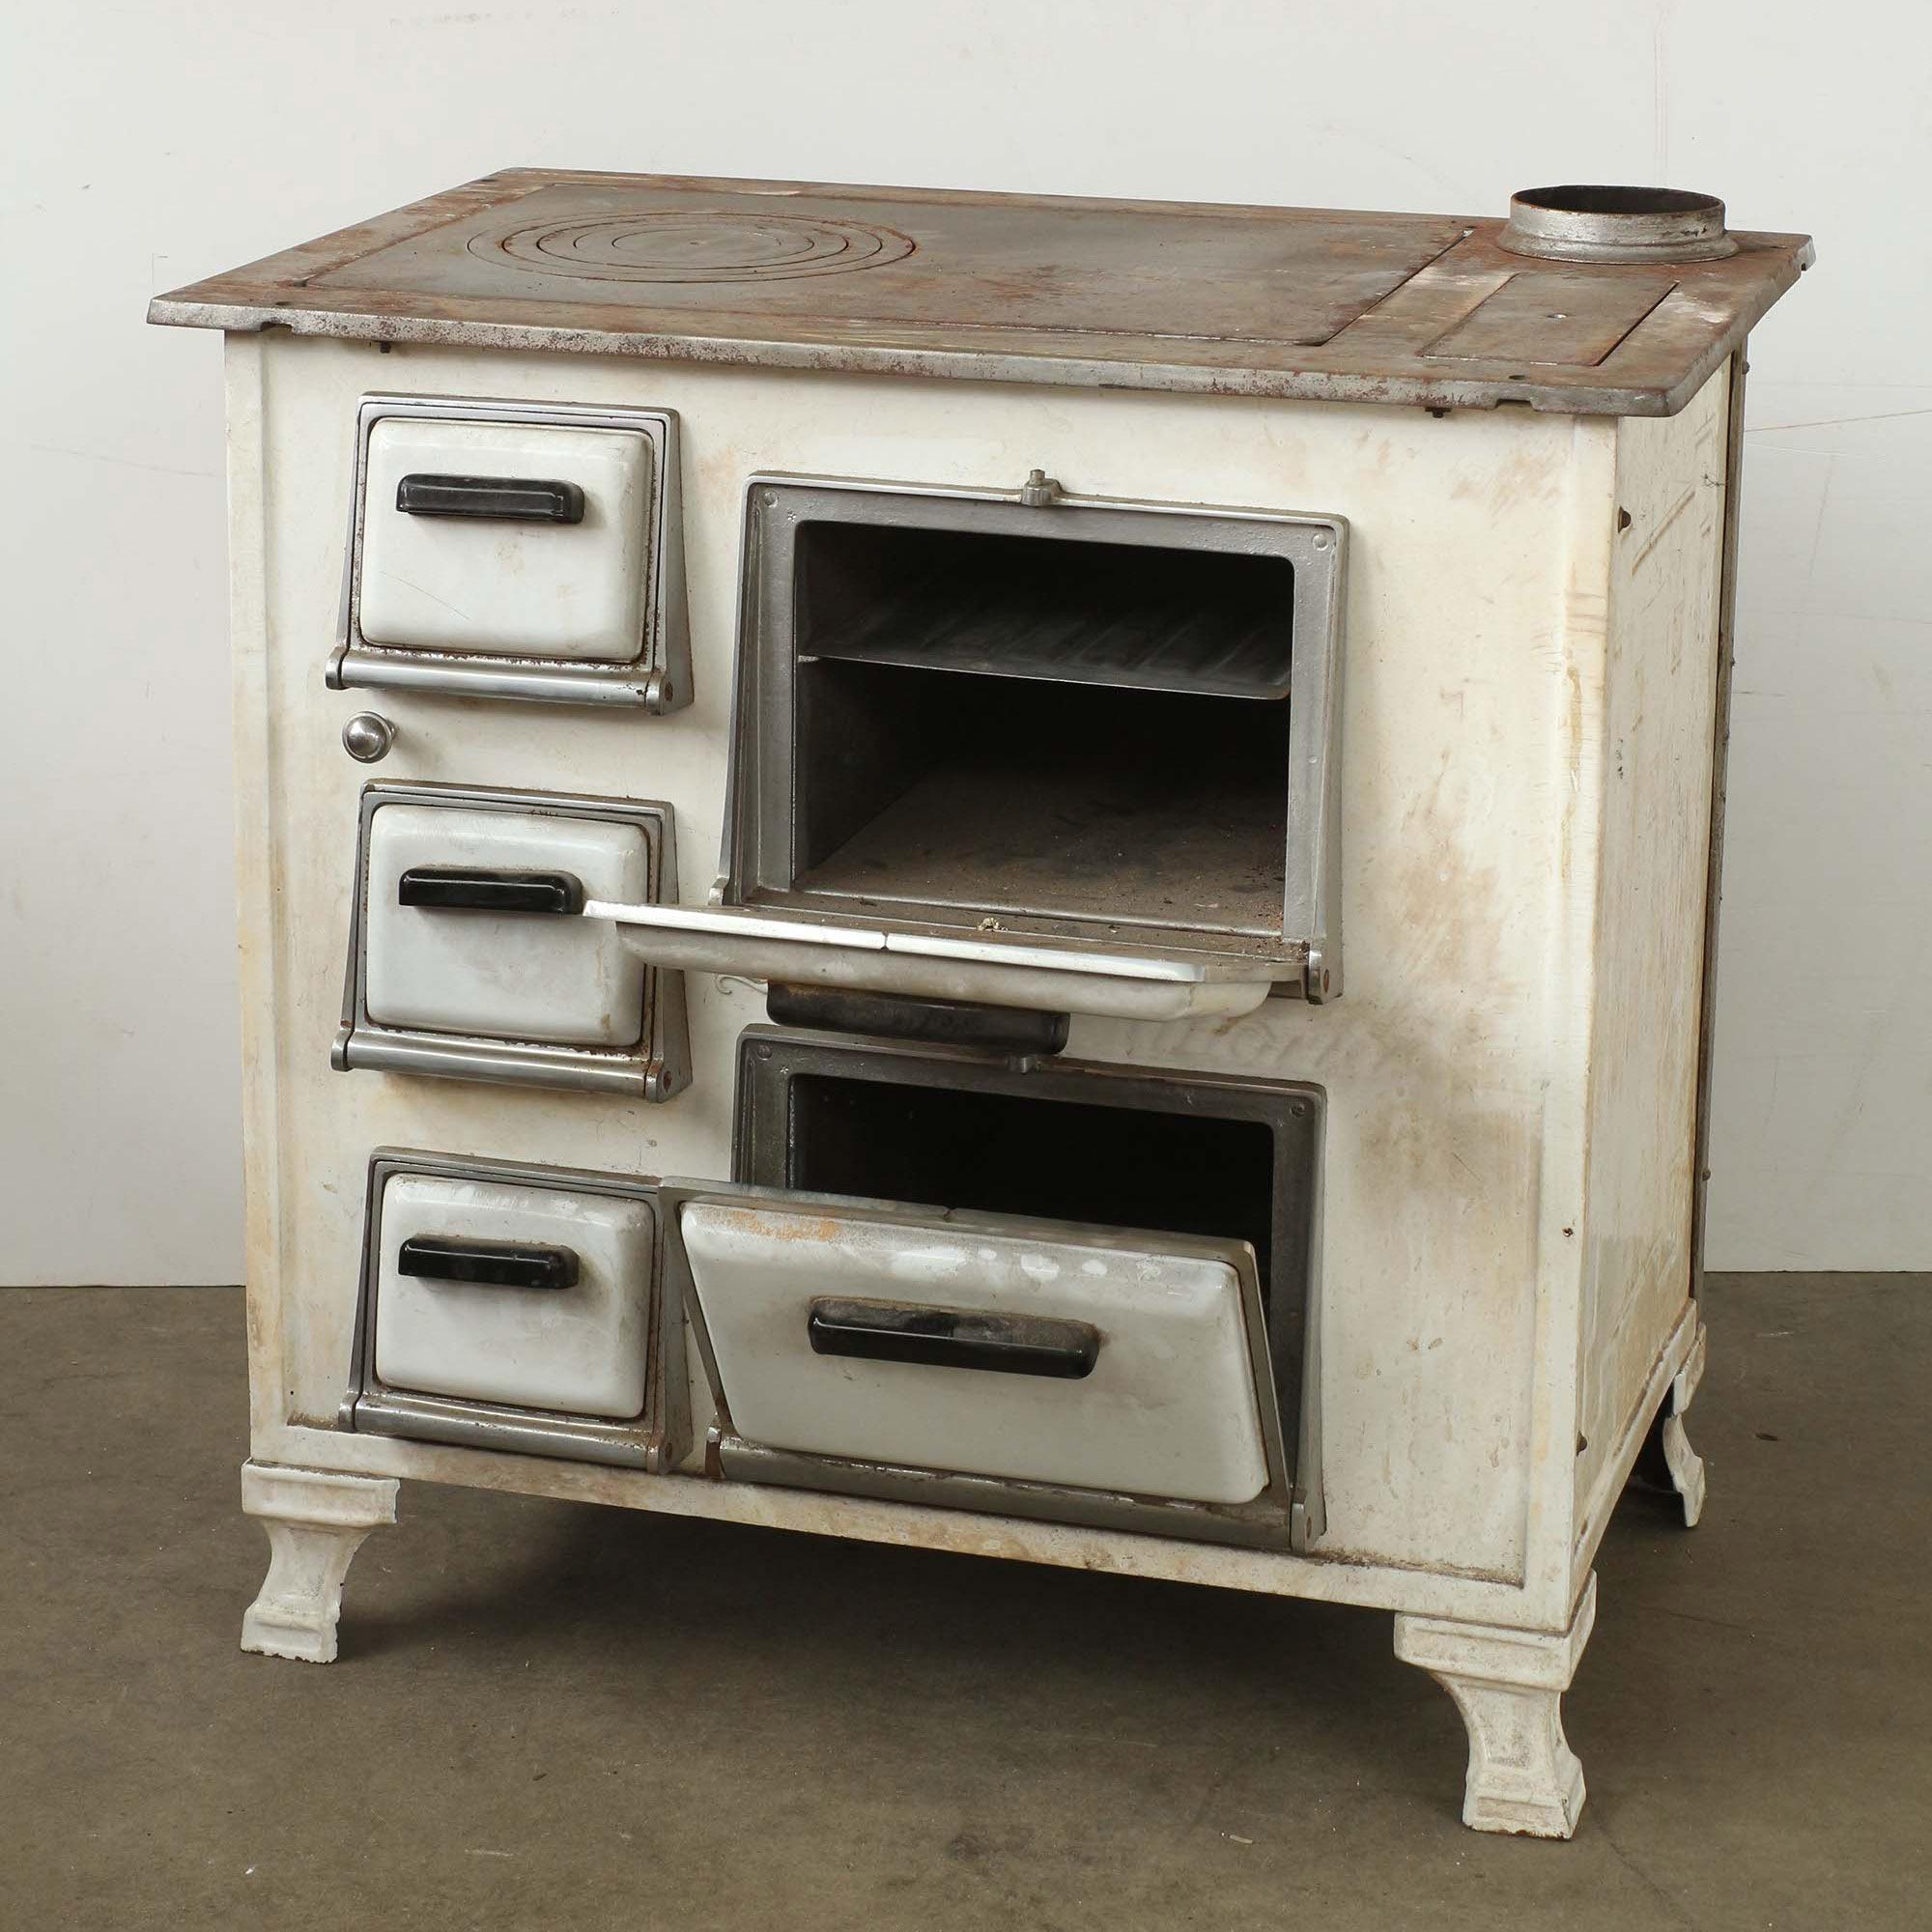 Cucine economiche a legna nordica prezzi decora la tua vita - Cucine economiche a legna prezzi ...